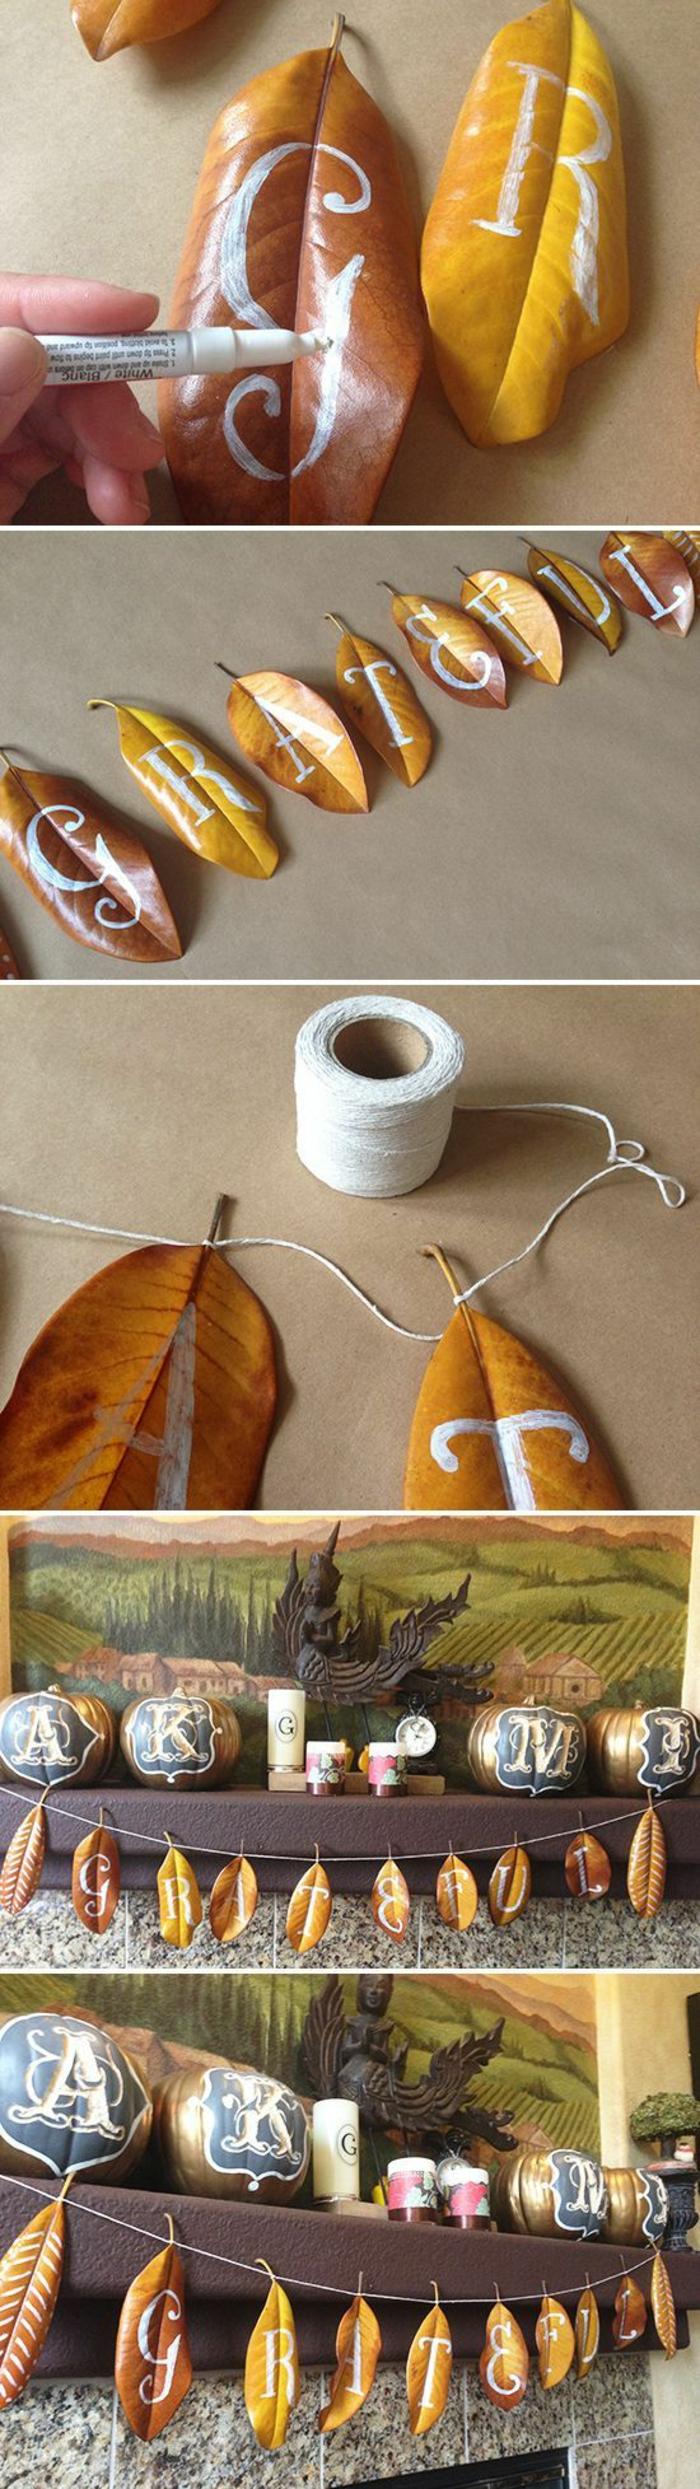 basteln mit naturmaterialien, getrocknete baumblätter mit weißem marker bemalen, kordel, girlande, herbstdeko